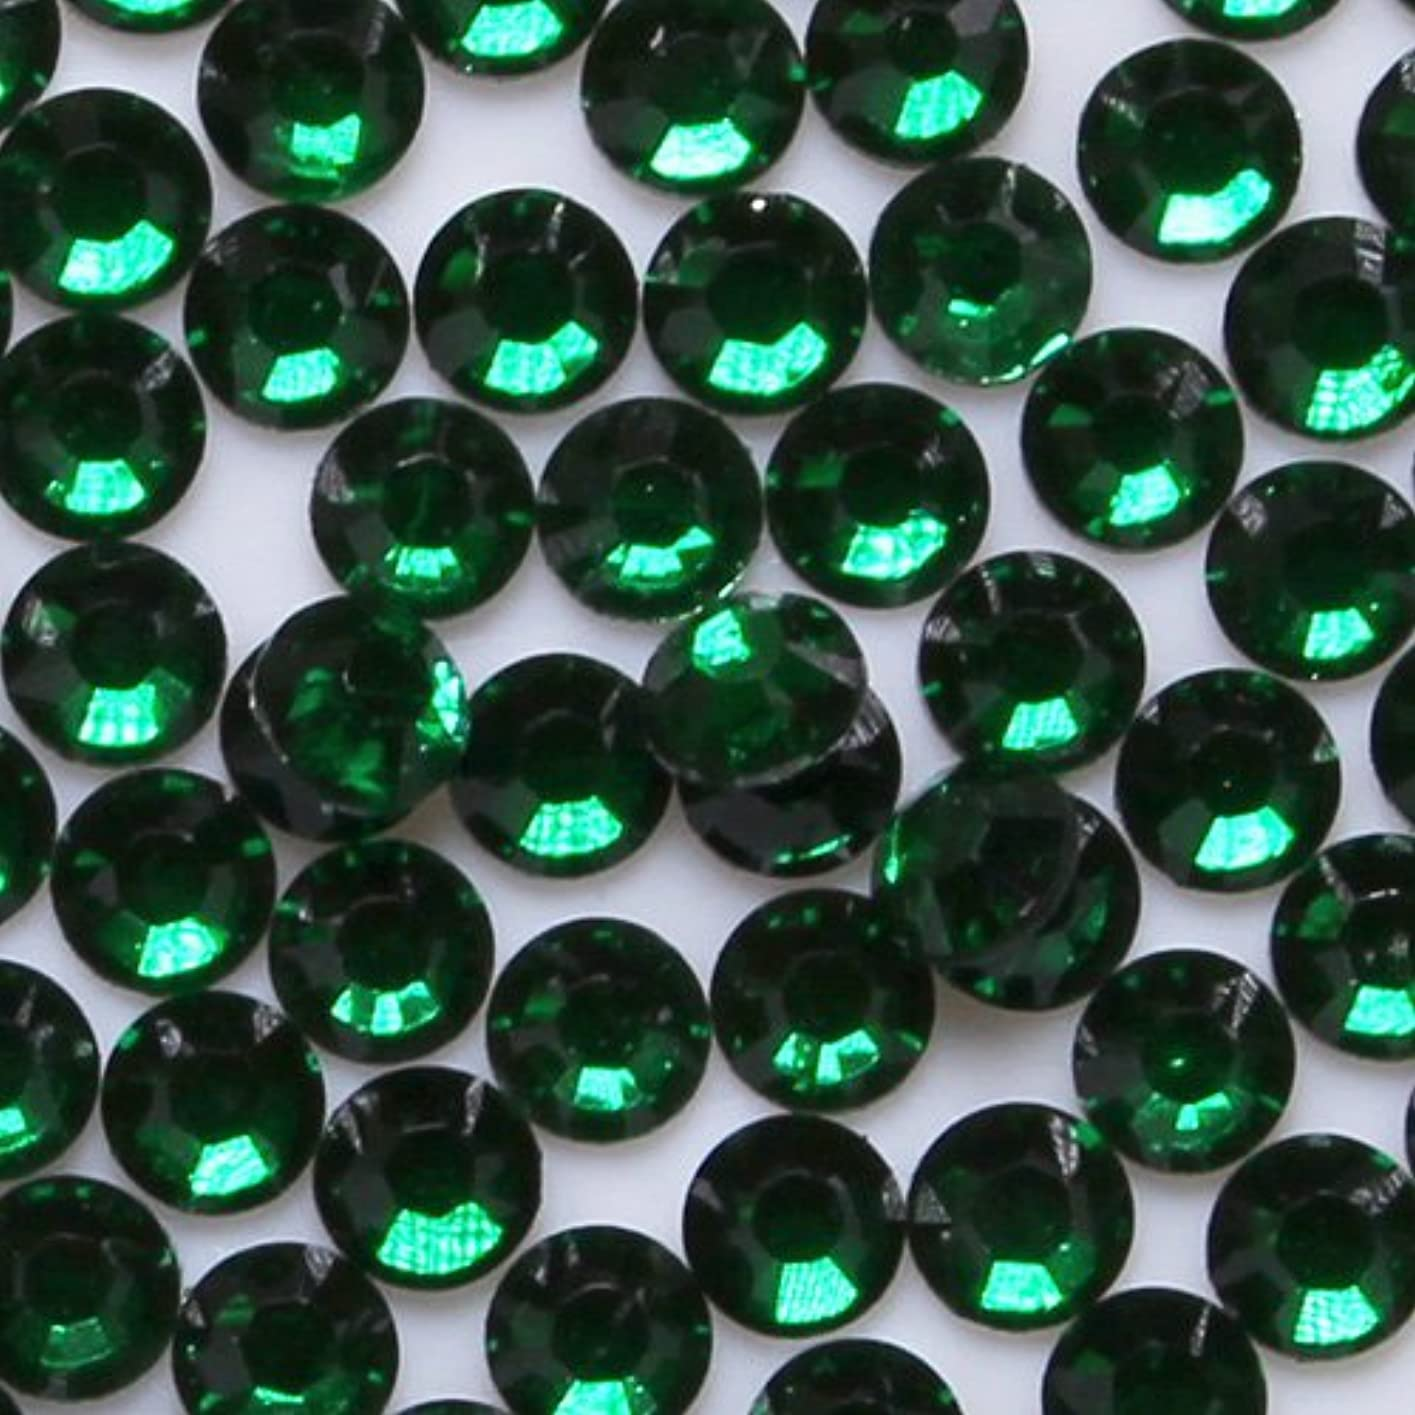 スティーブンソンヒョウアルファベット高品質 アクリルストーン ラインストーン ラウンドフラット 約1000粒入り 4mm エメラルド